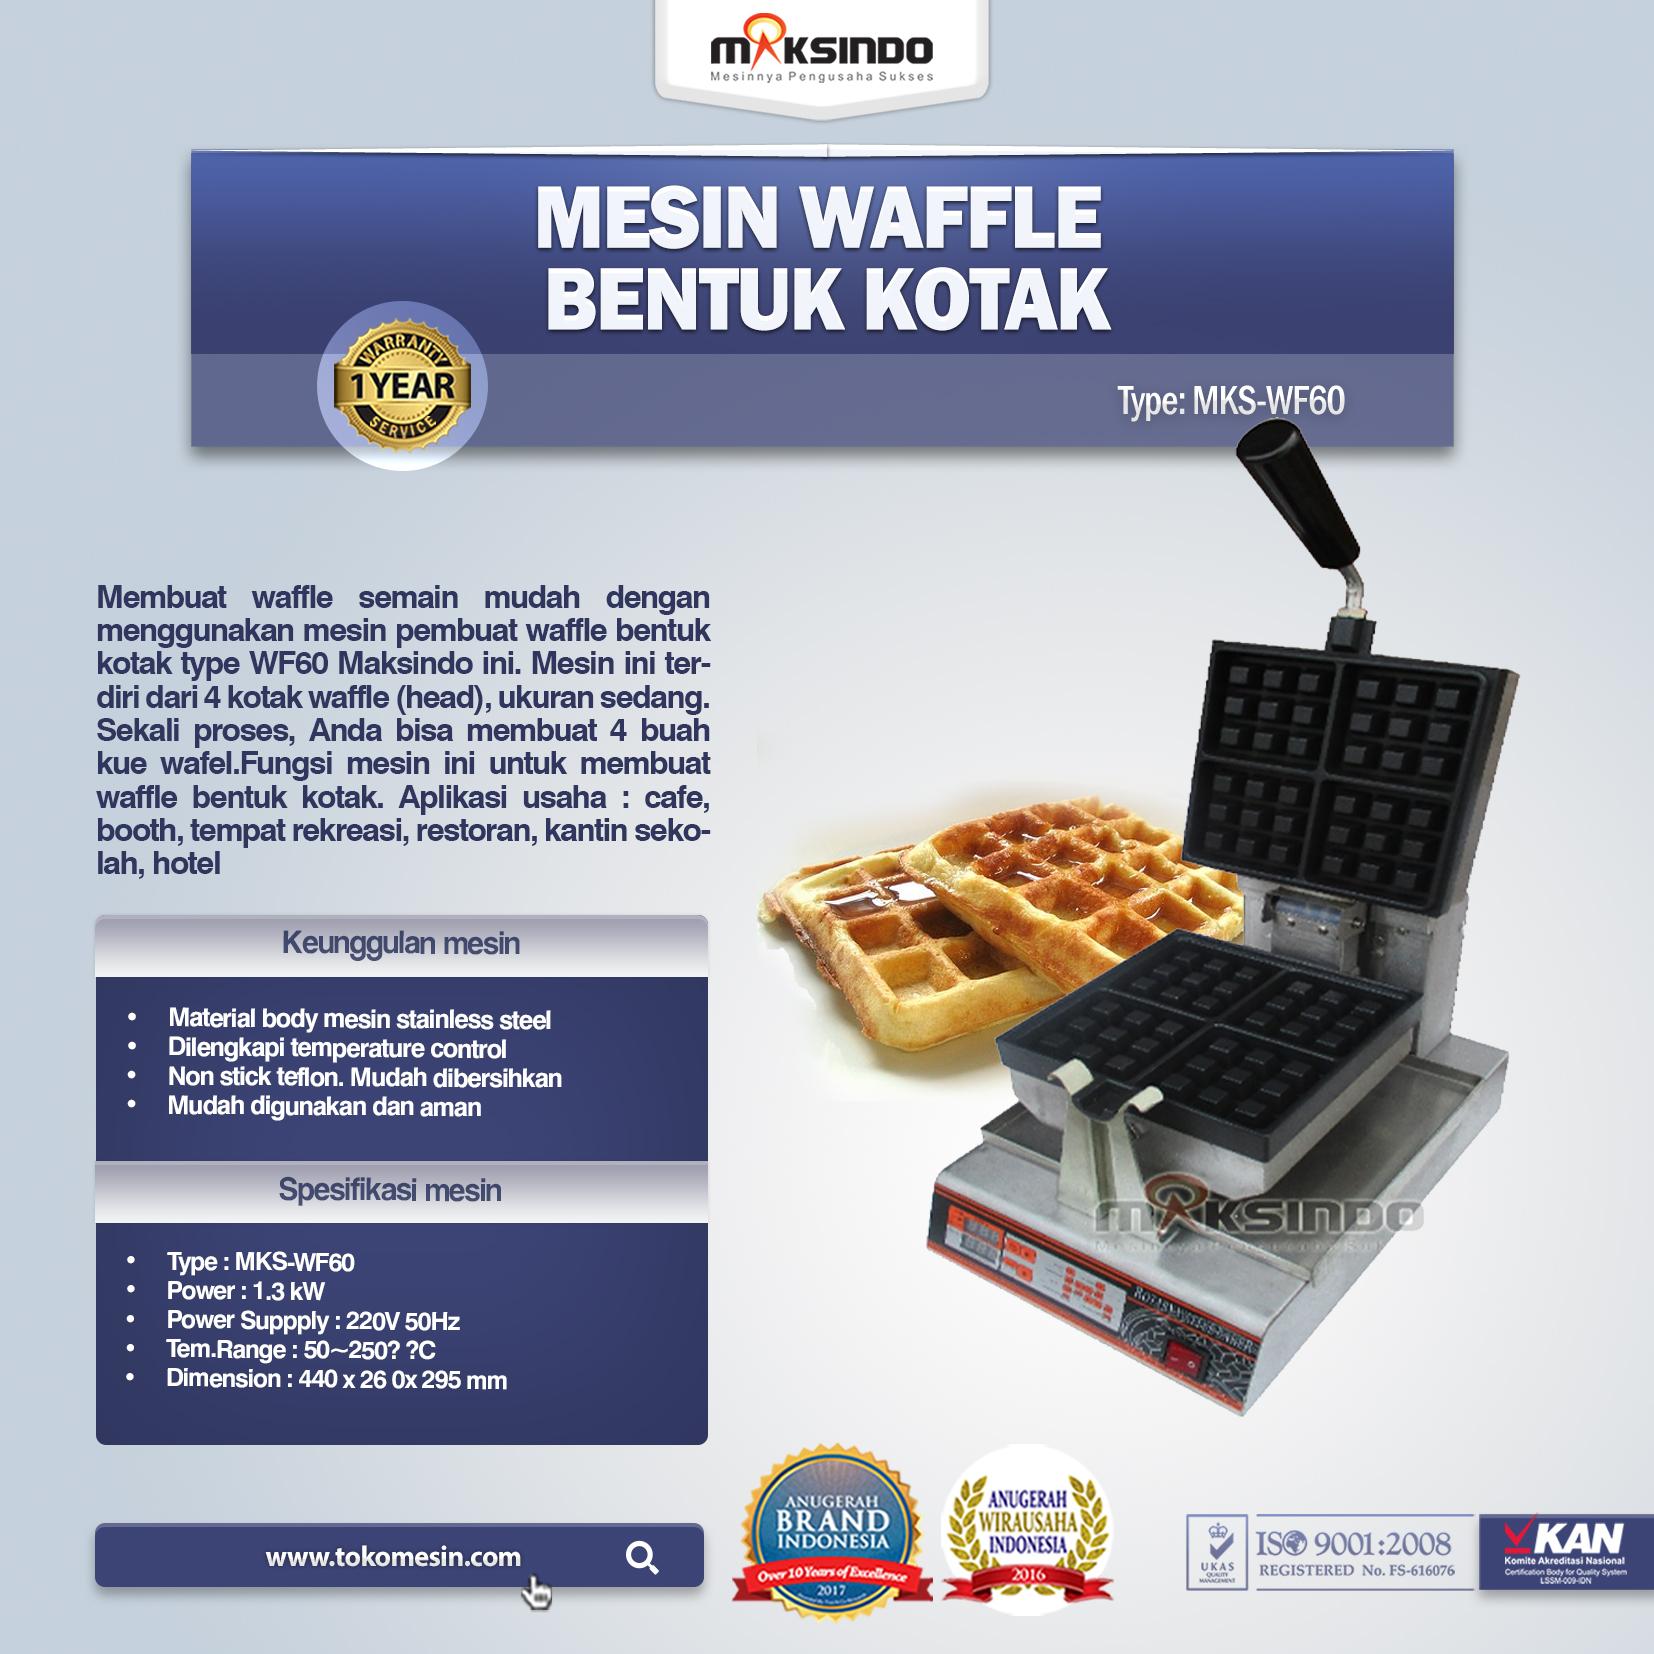 Jual Mesin Waffle Bentuk Kotak (WF-60) di Semarang